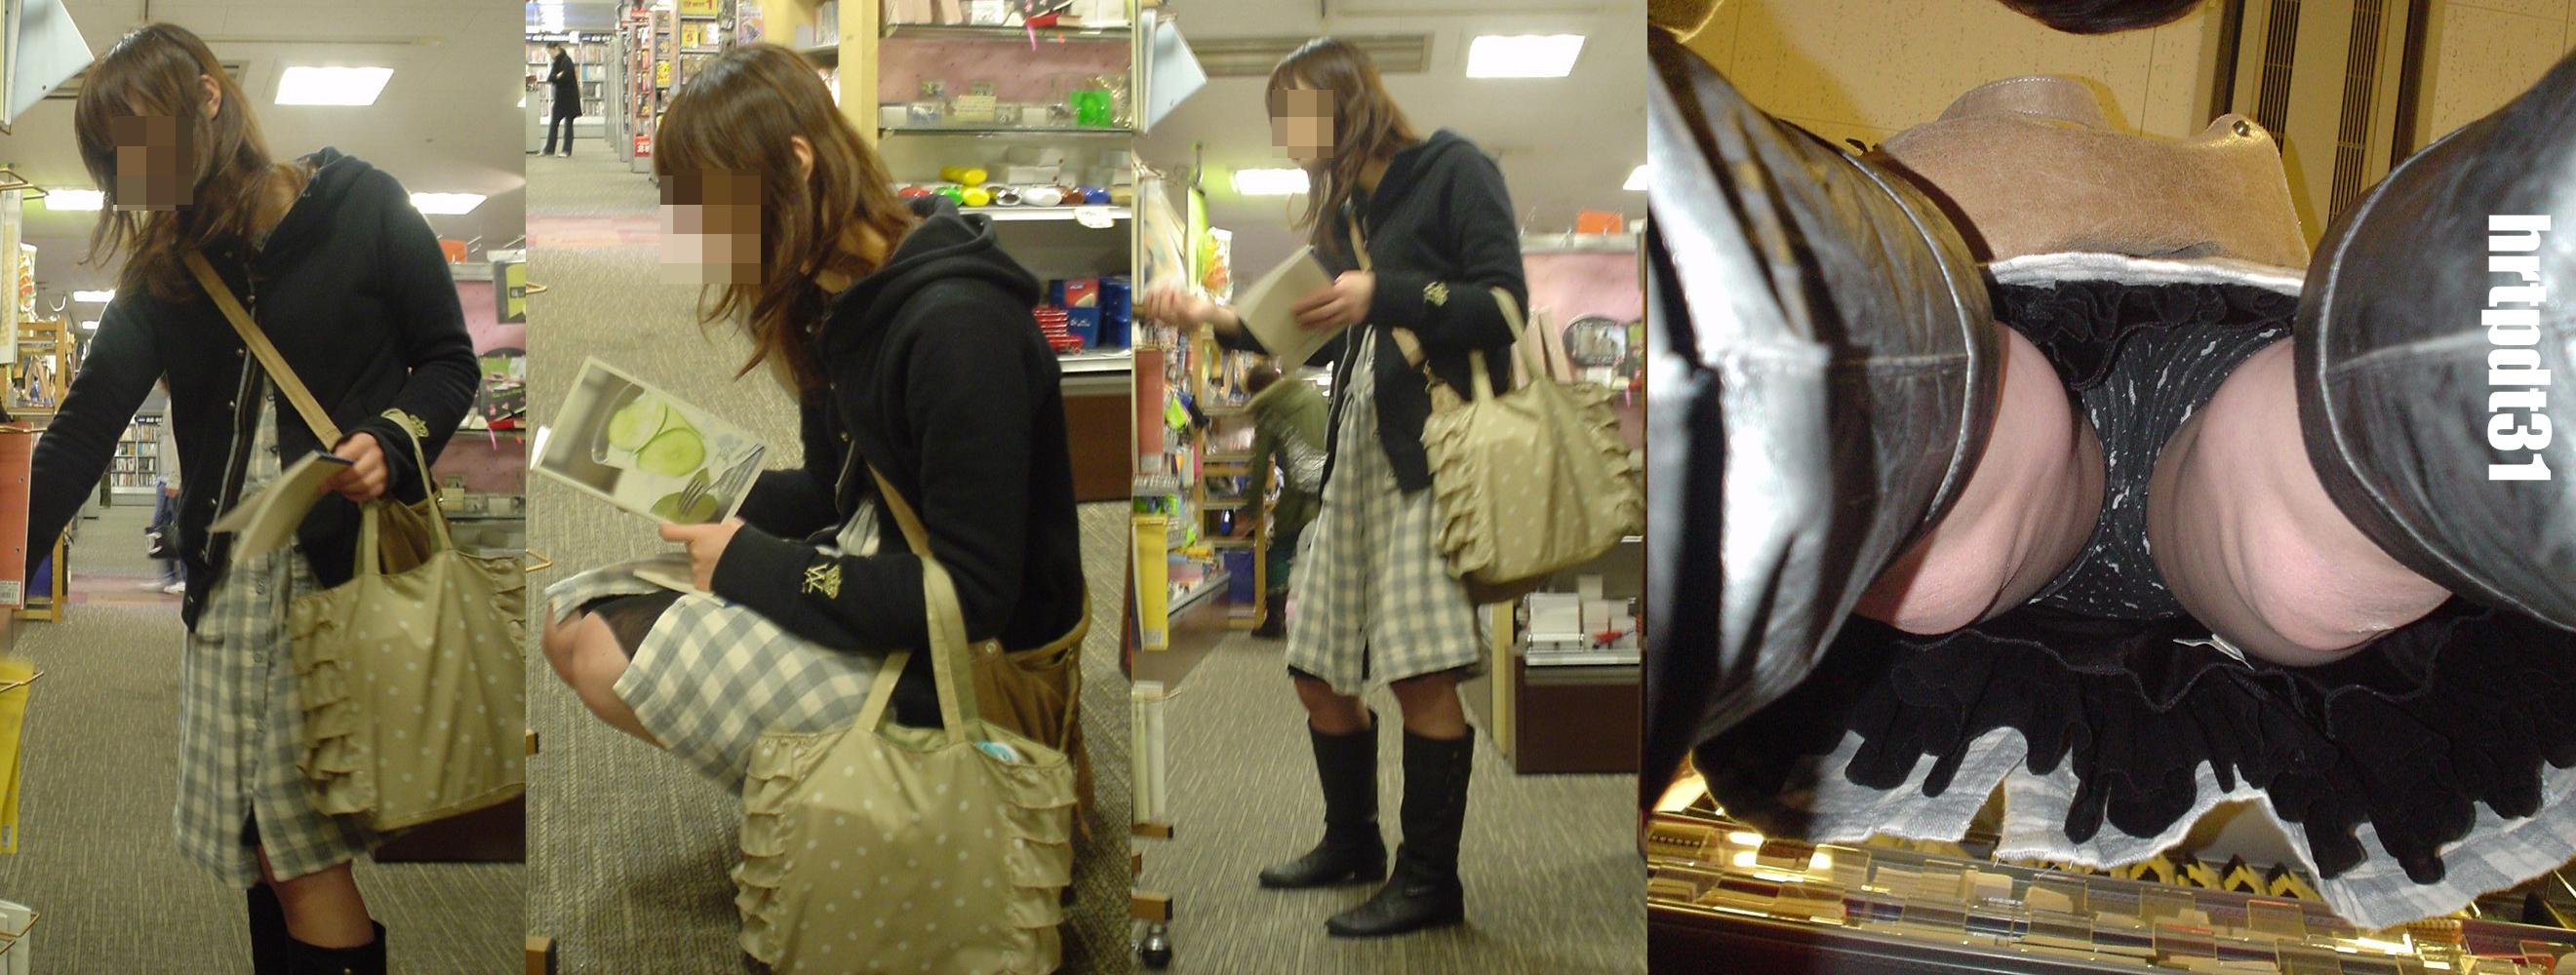 【パンチラエロ画像】スカート長いから大丈夫ってのは思い違いw逆さ撮り師のおパンツ暴きwww 28